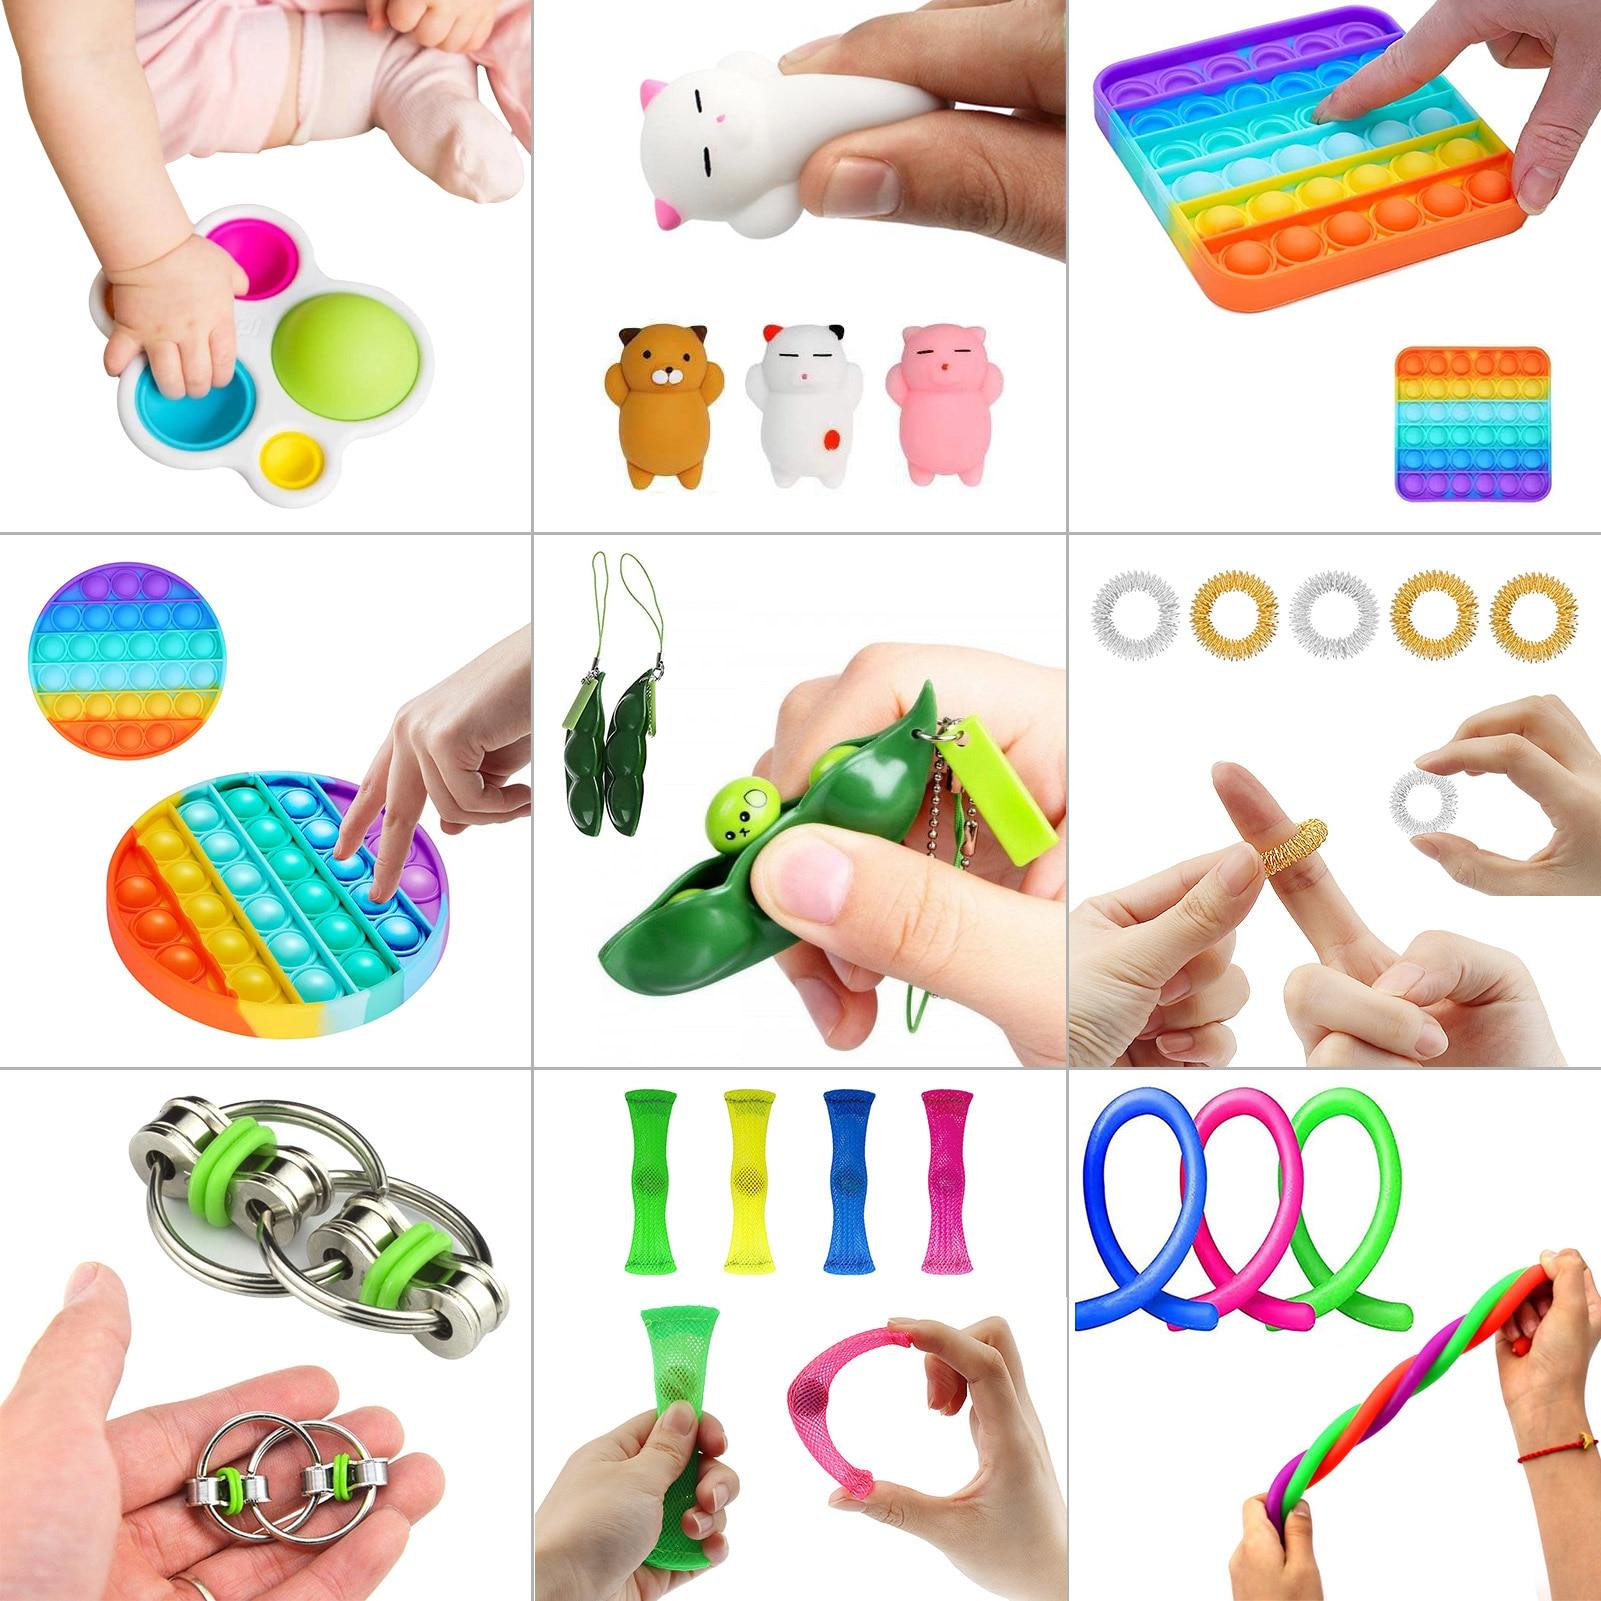 23PCS Sensory ToyFidget Bubble Sensory ToyS Educational Decompression Toy Suitable For Children With Autism enlarge